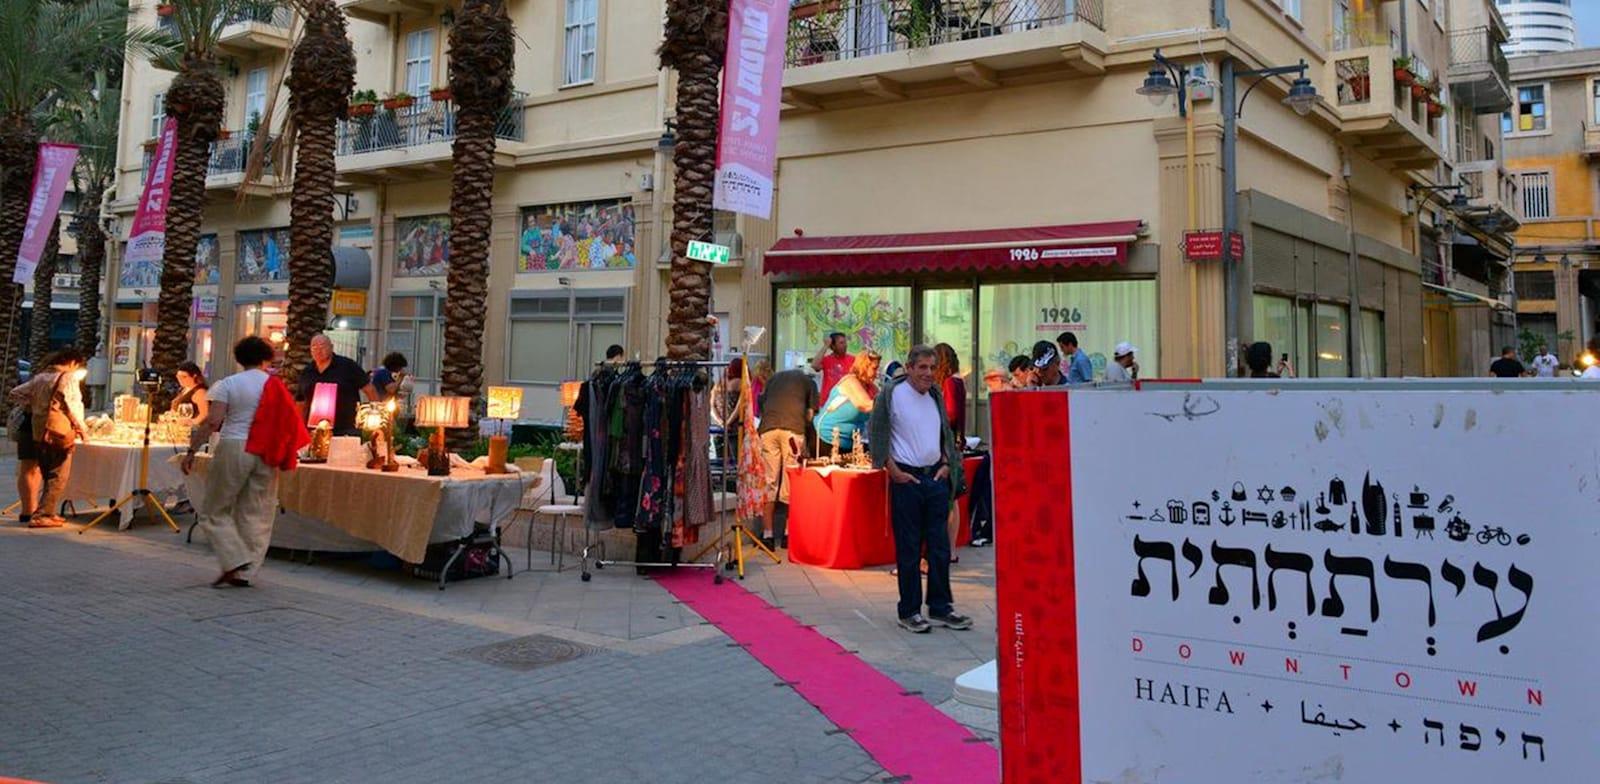 בתי עסק בחיפה. קרן ייעודית של 10 מיליון שקל / צילום: צבי רוגר - דוברות עיריית חיפה